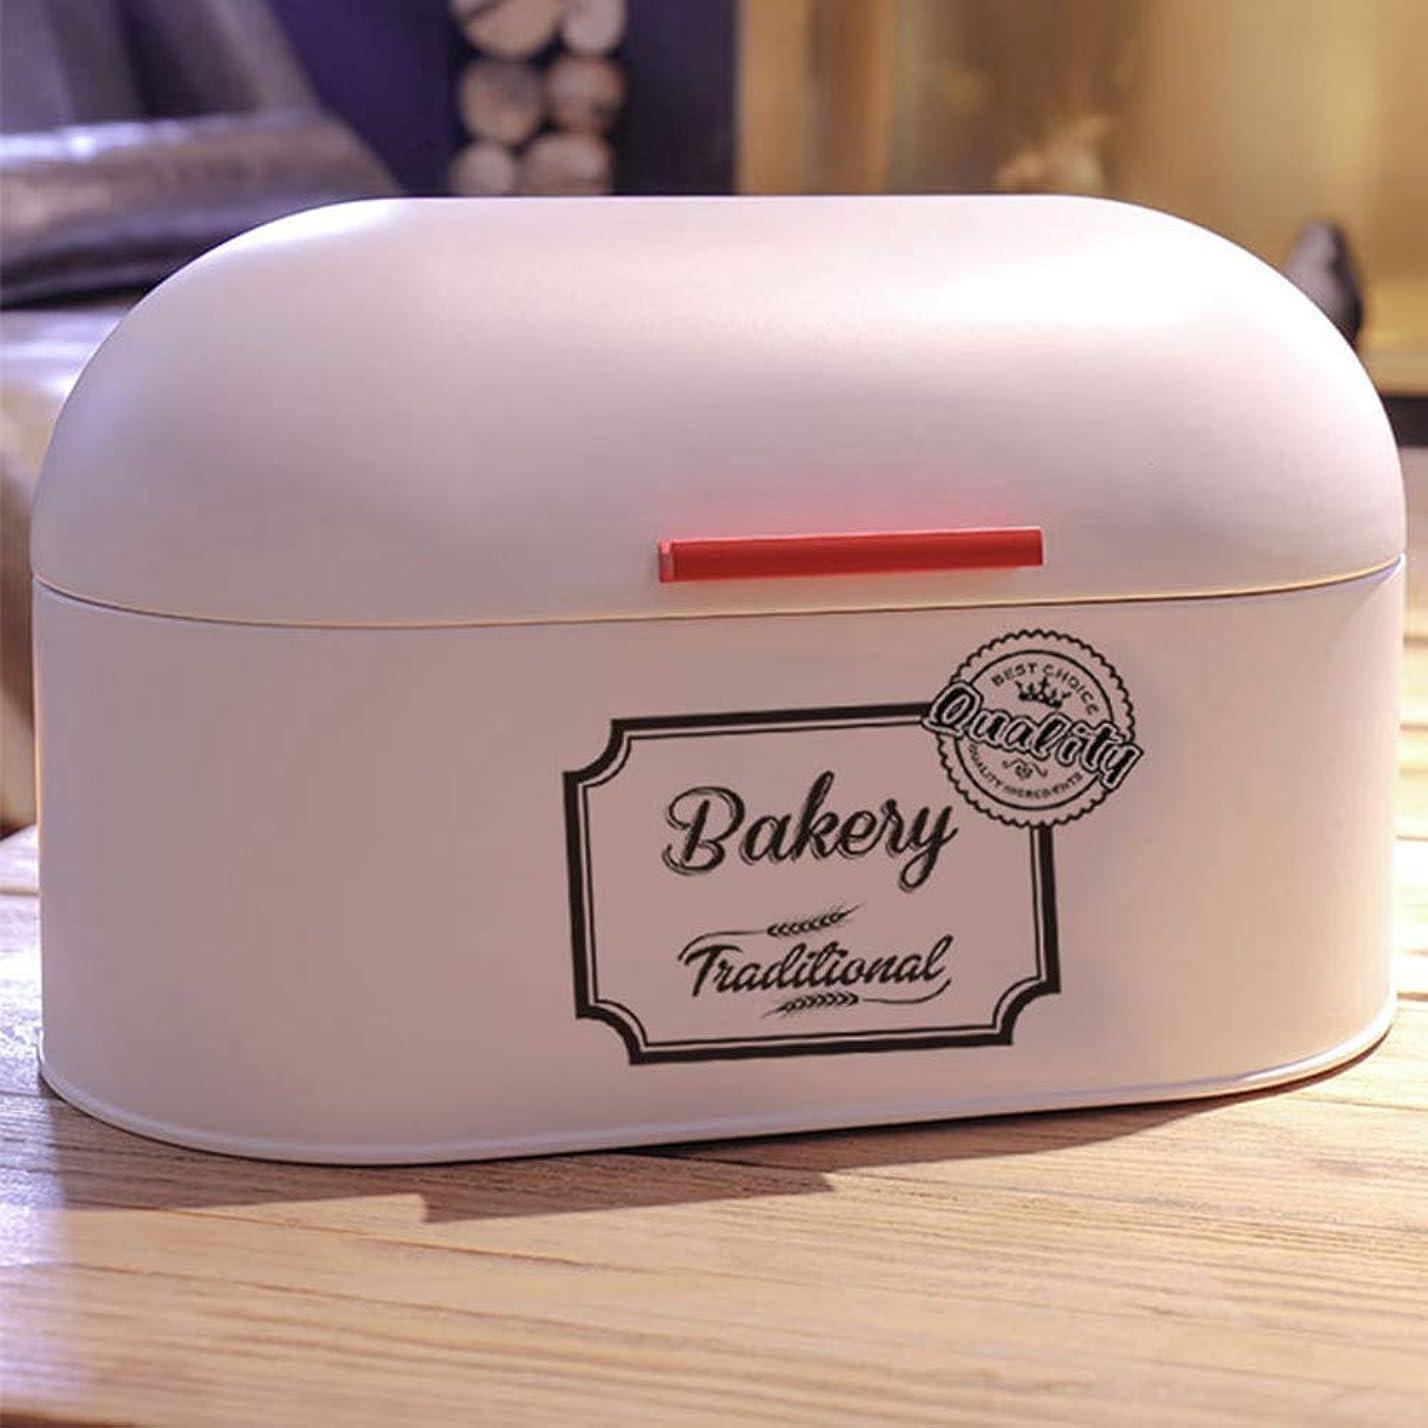 コンパクト増幅する割り込みボックス食品用コンテナ収納金属製パン箱2019新しい